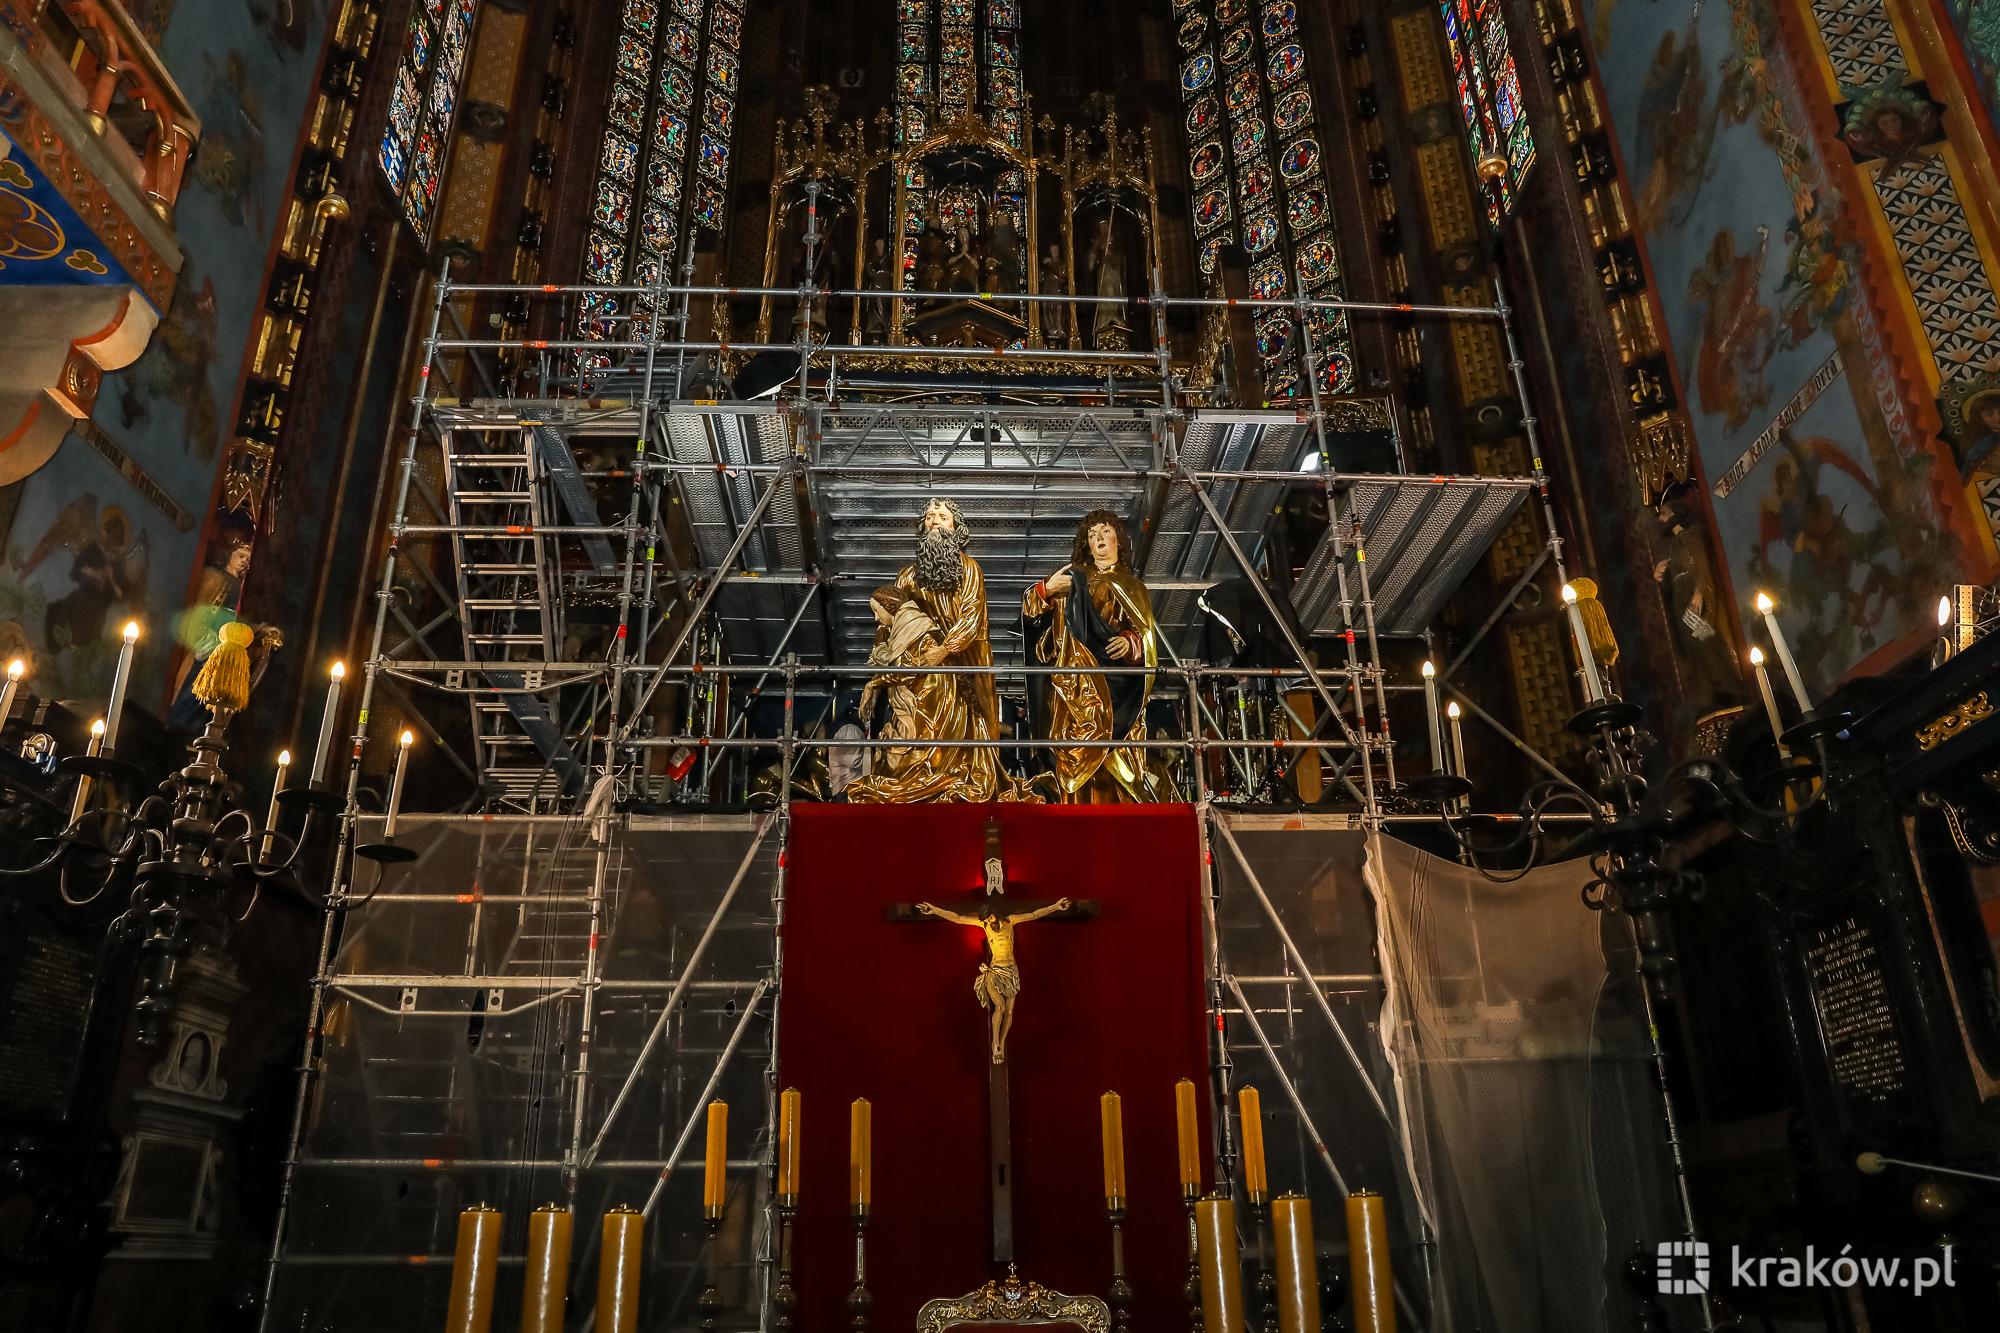 Już niedługo zobaczymy ołtarz Wita Stwosza po konserwacji